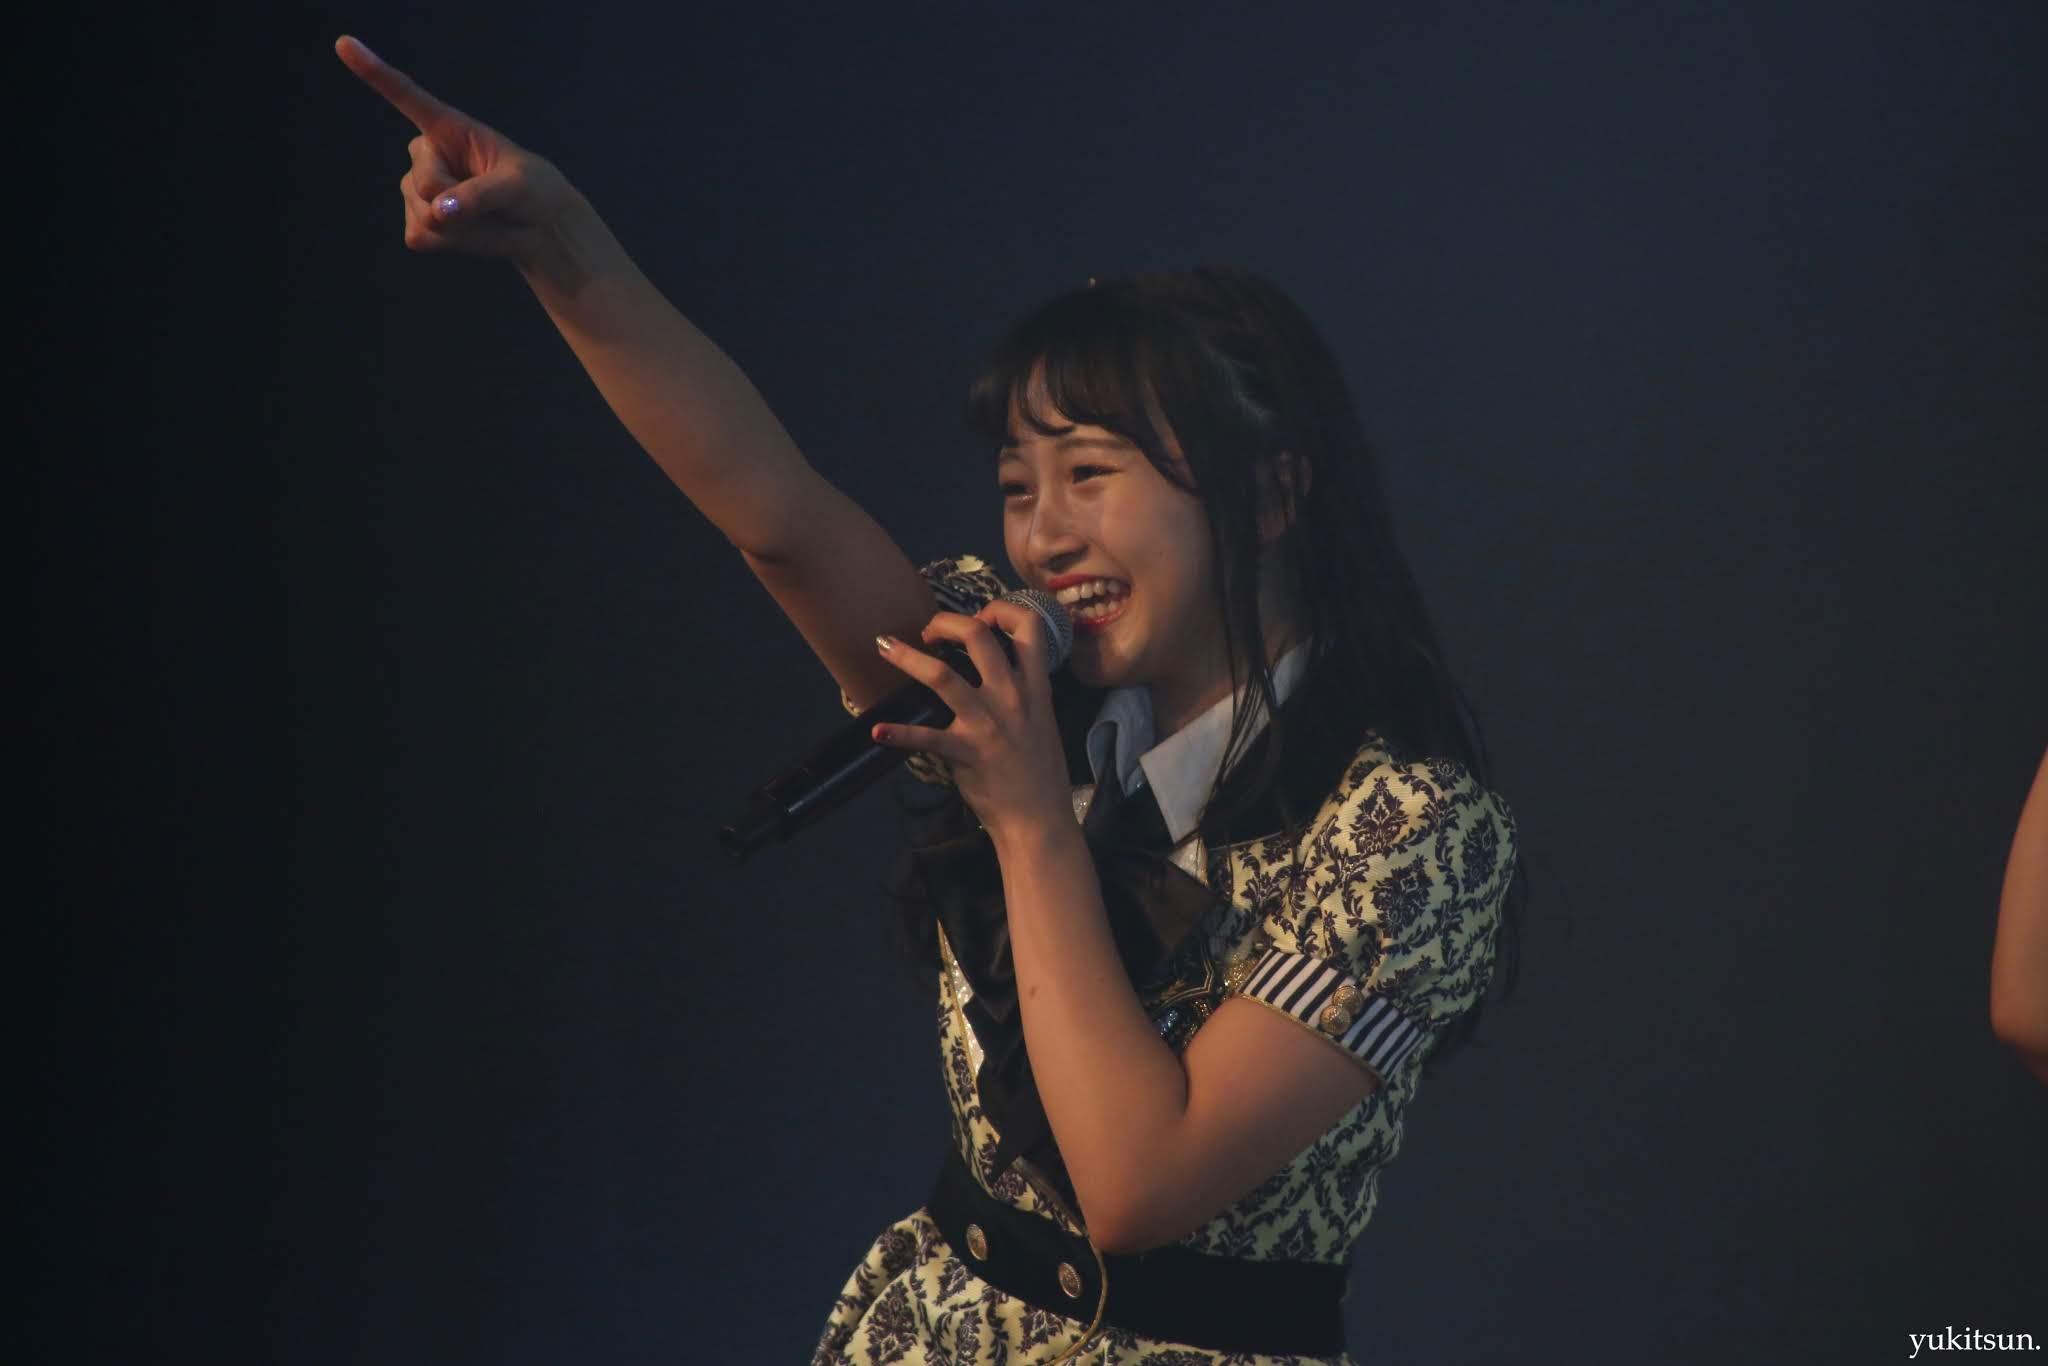 shinjidai-41